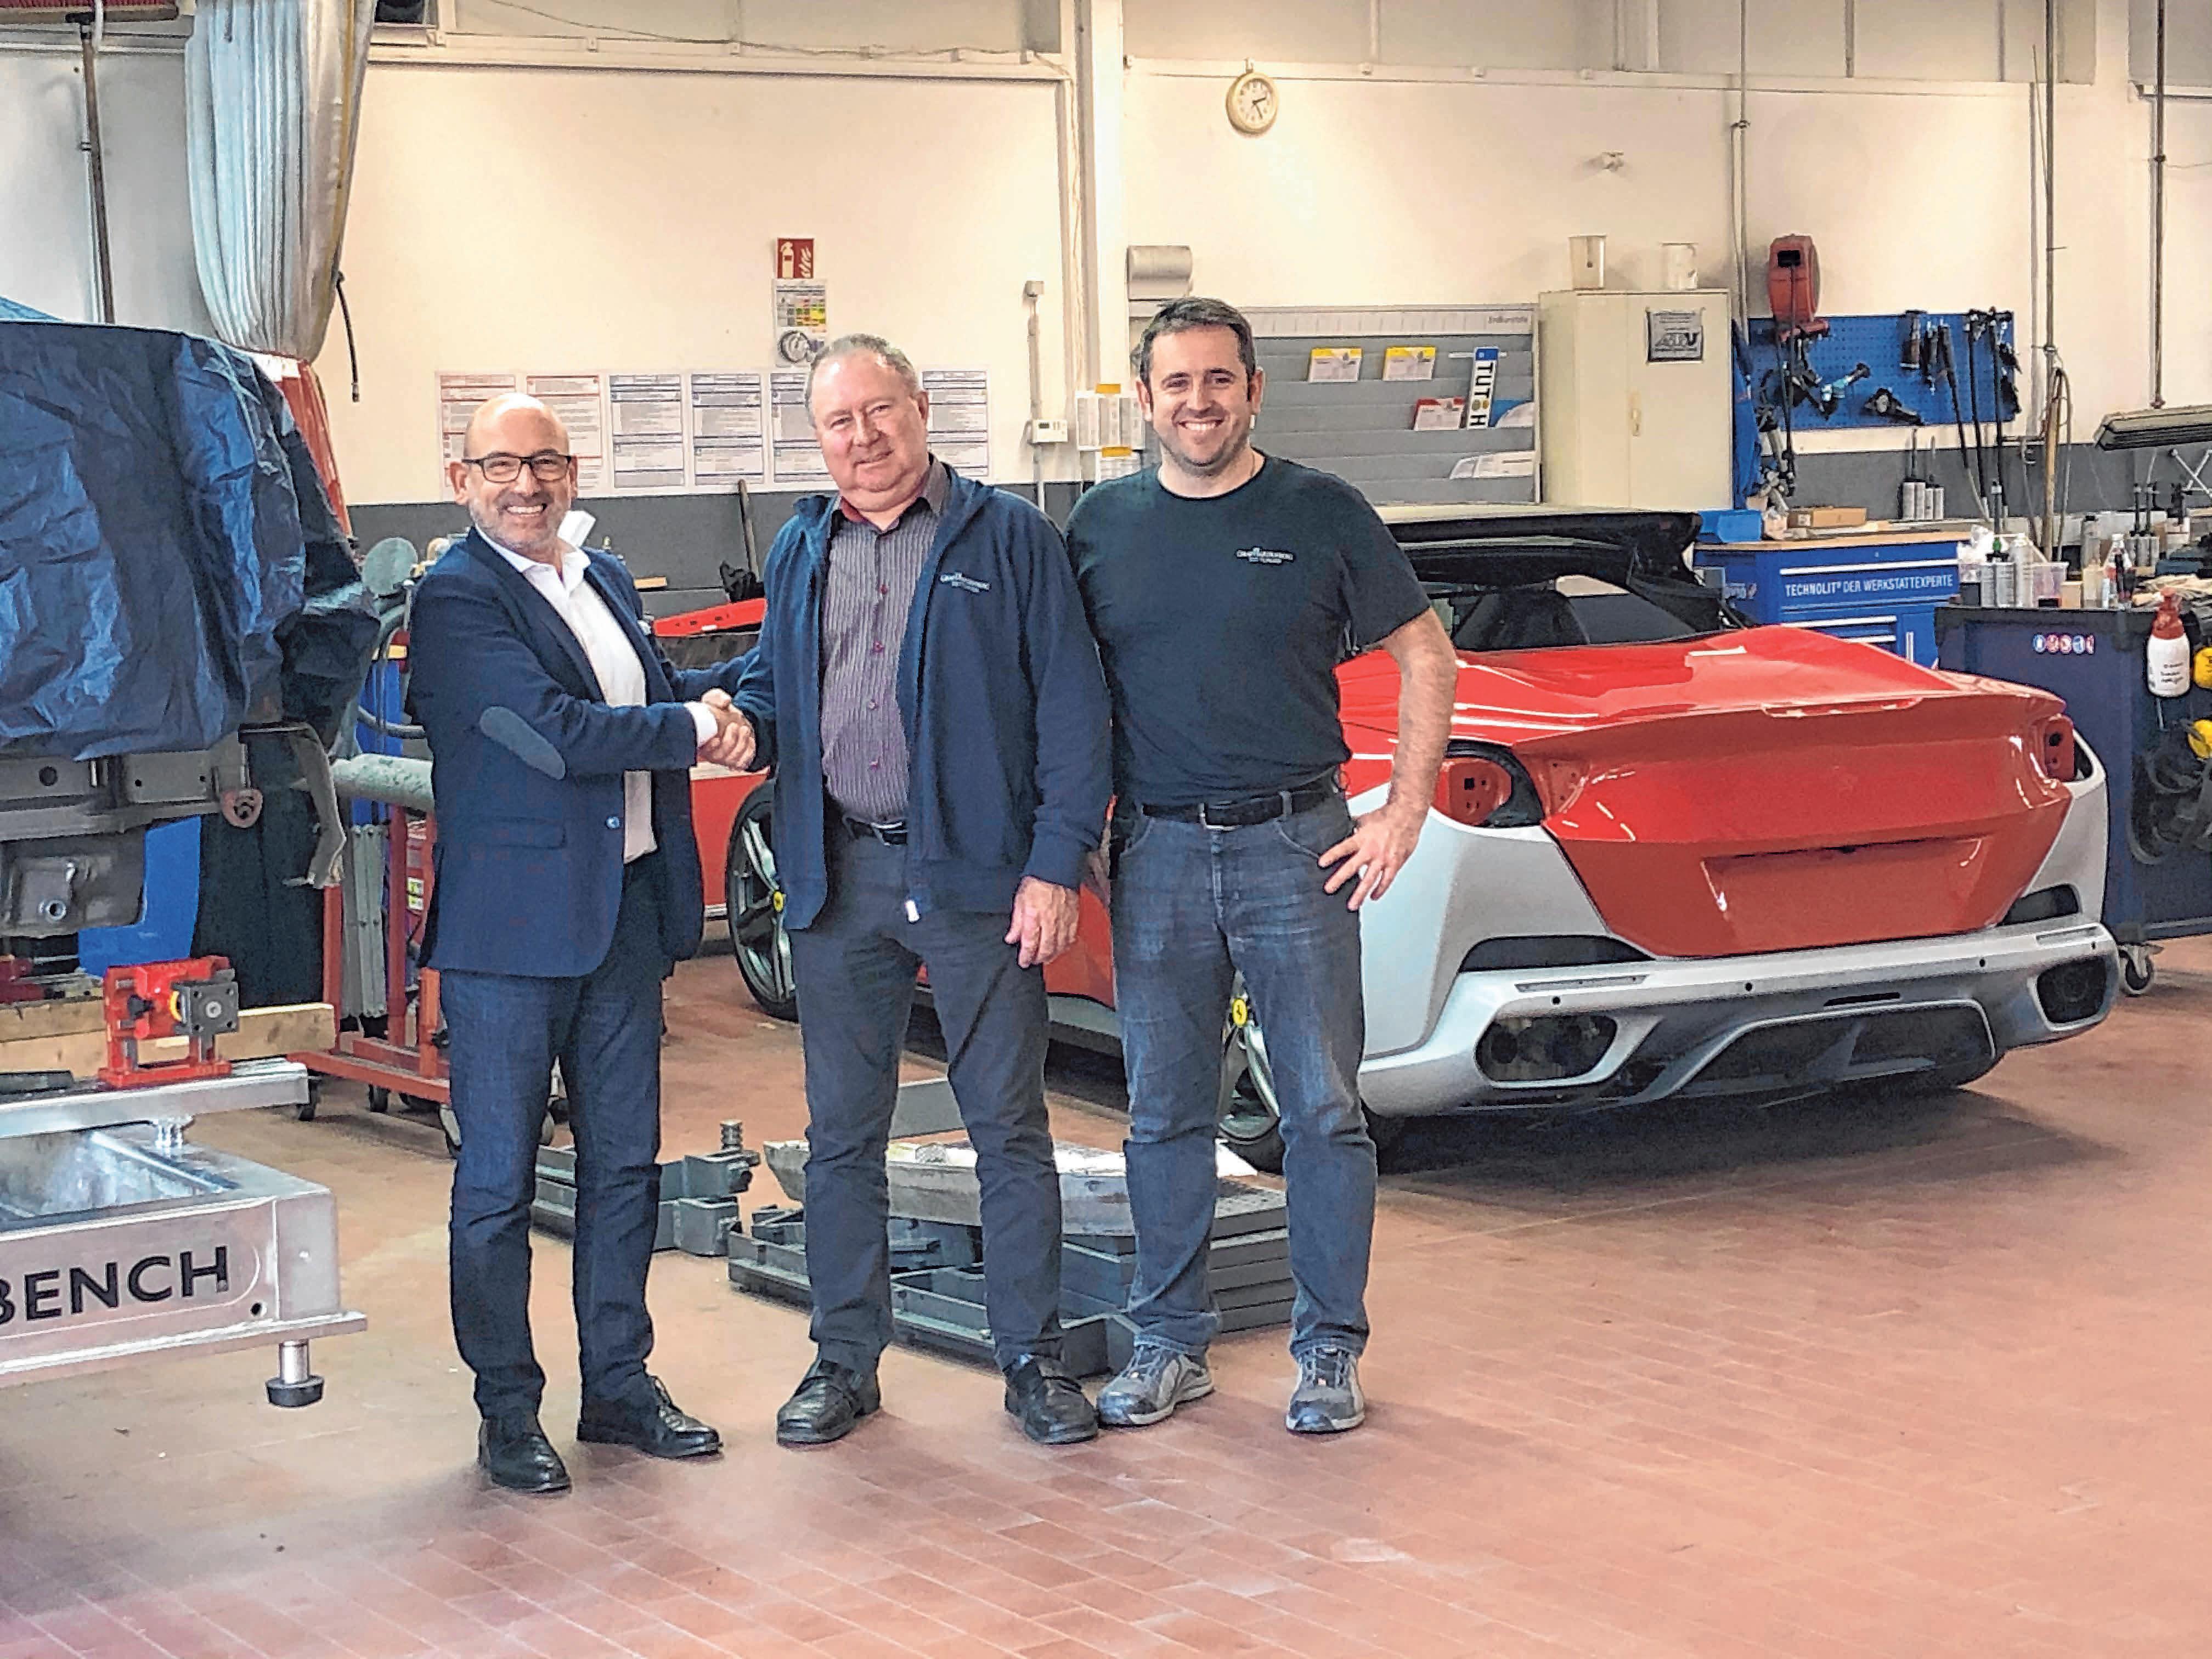 Seit drei Jahrzehnten hält Georg Thierjung dem Autohaus Graf Hardenberg die Treue. Dazu gratulieren Geschäftsführer Mark-O. Häfner (l.) und Werkstattleiter Karosserie und Lack, Manuel Schmelovski.